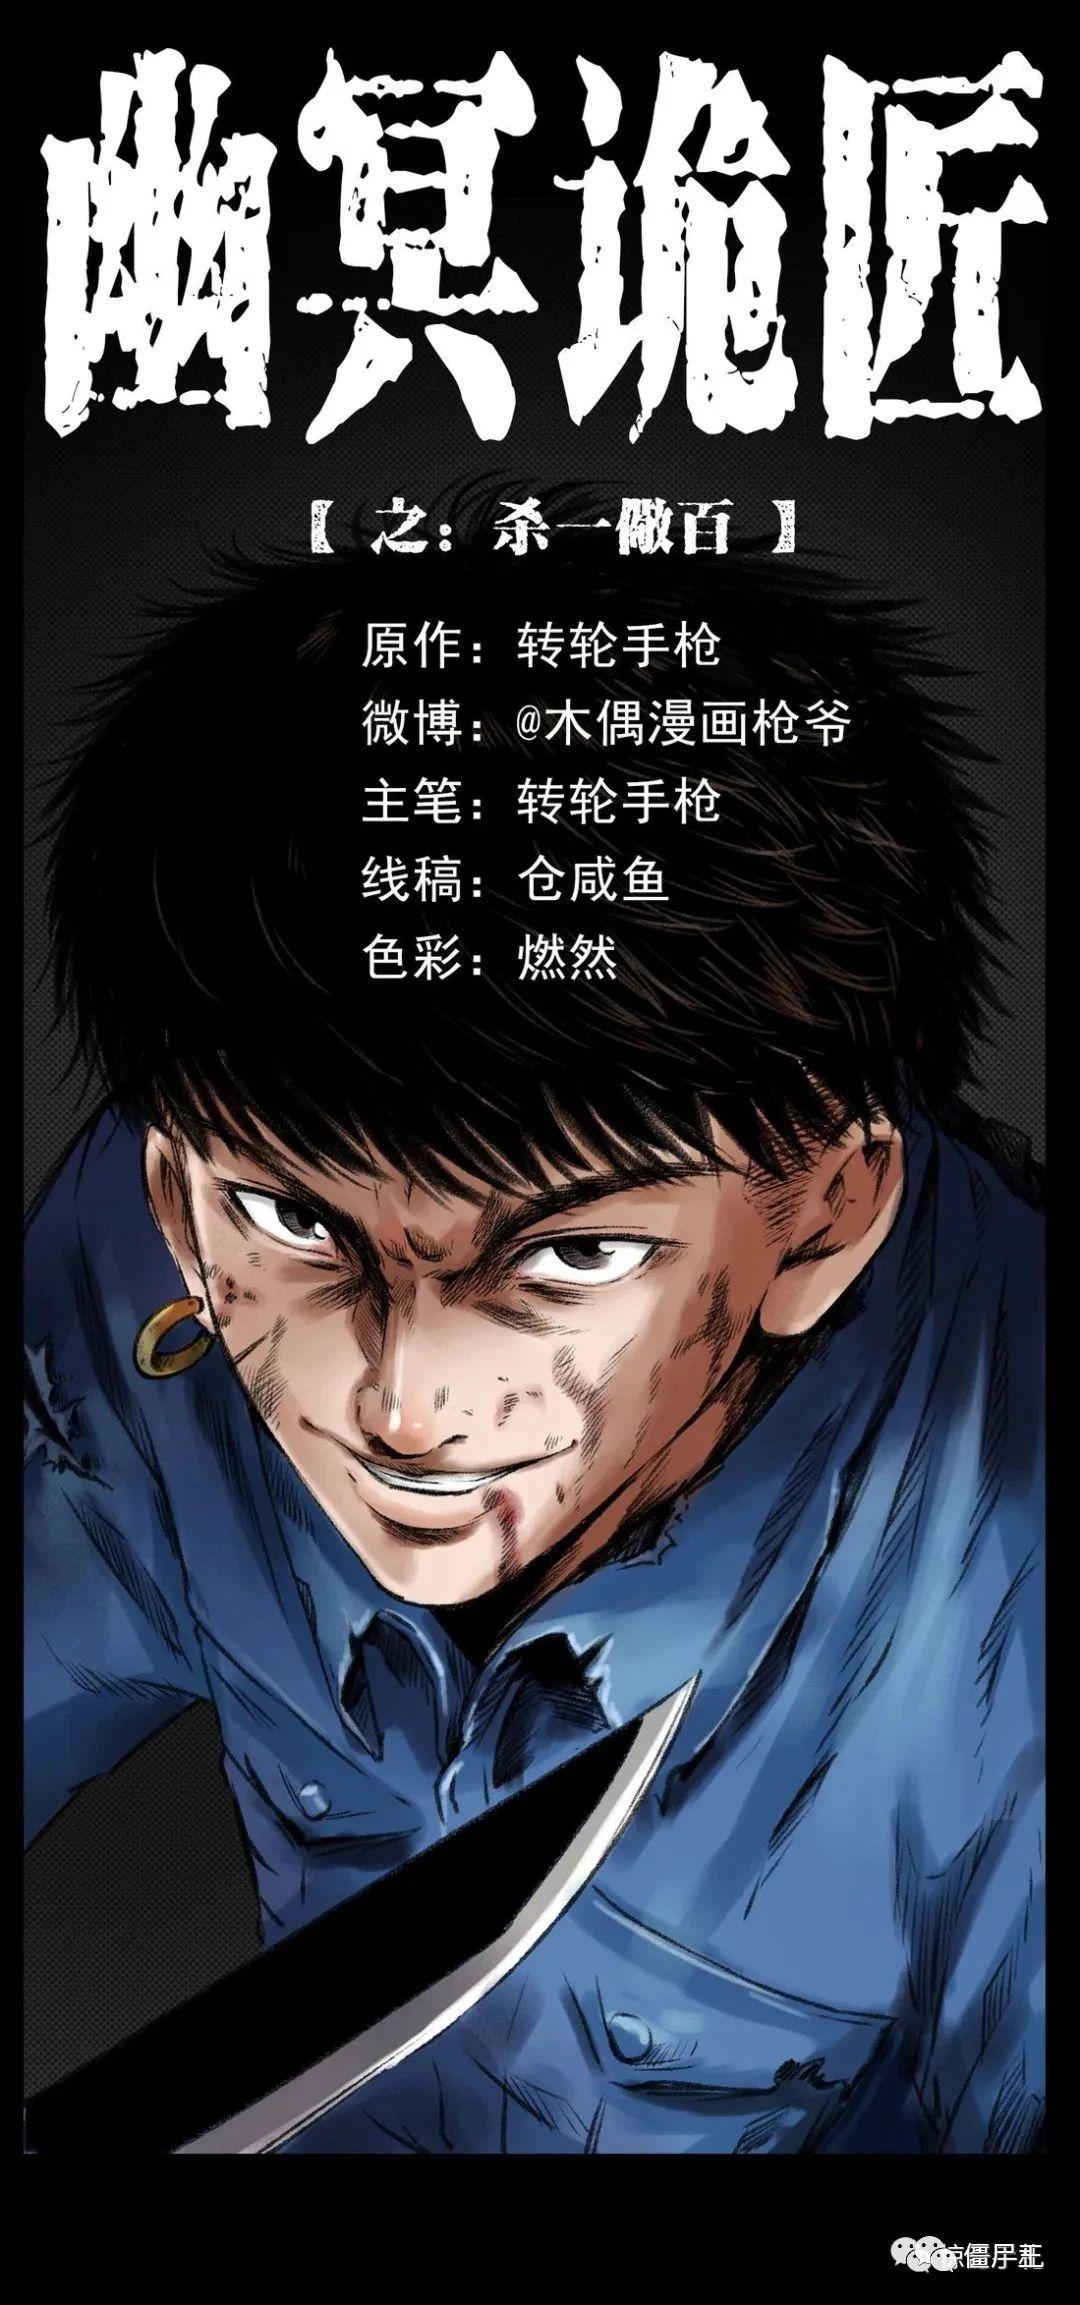 僵尸王漫画:幽冥诡匠之杀一儆百